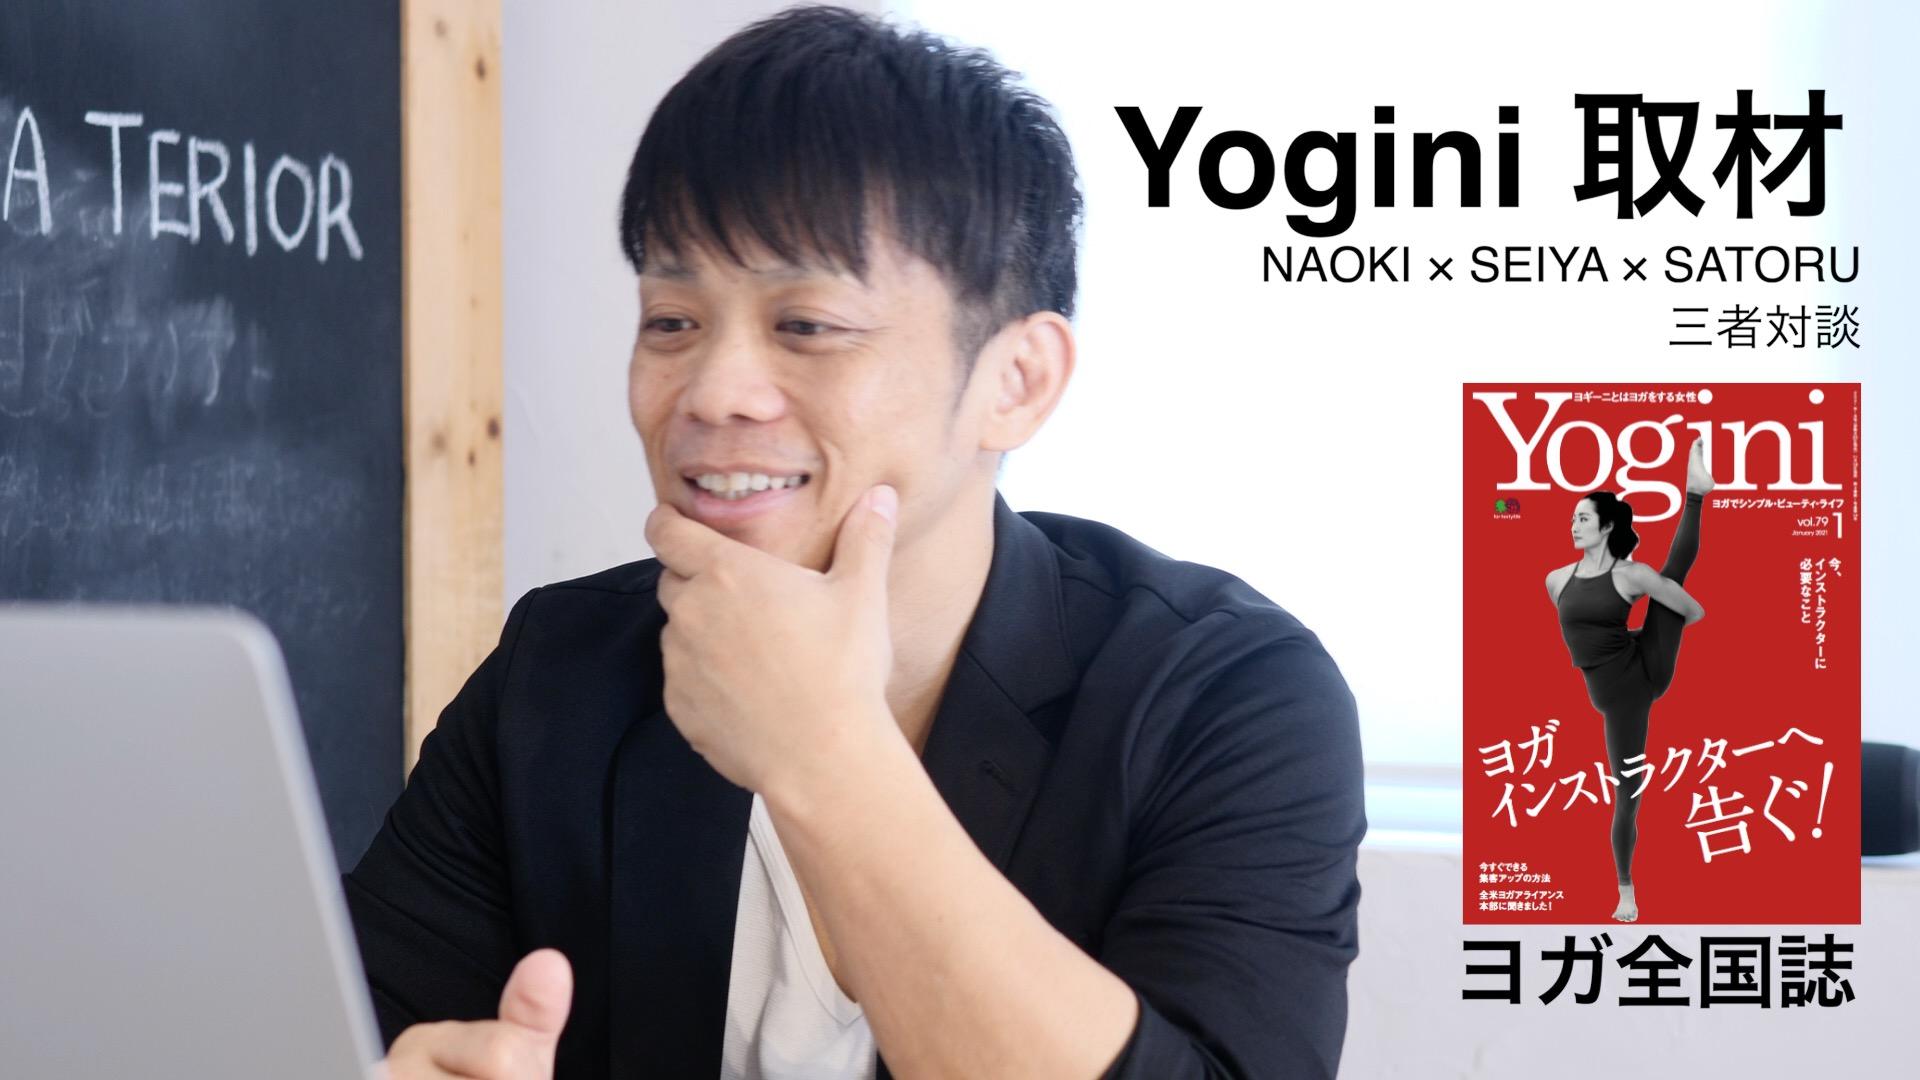 ヨギーニ三者対談のアイキャッチ